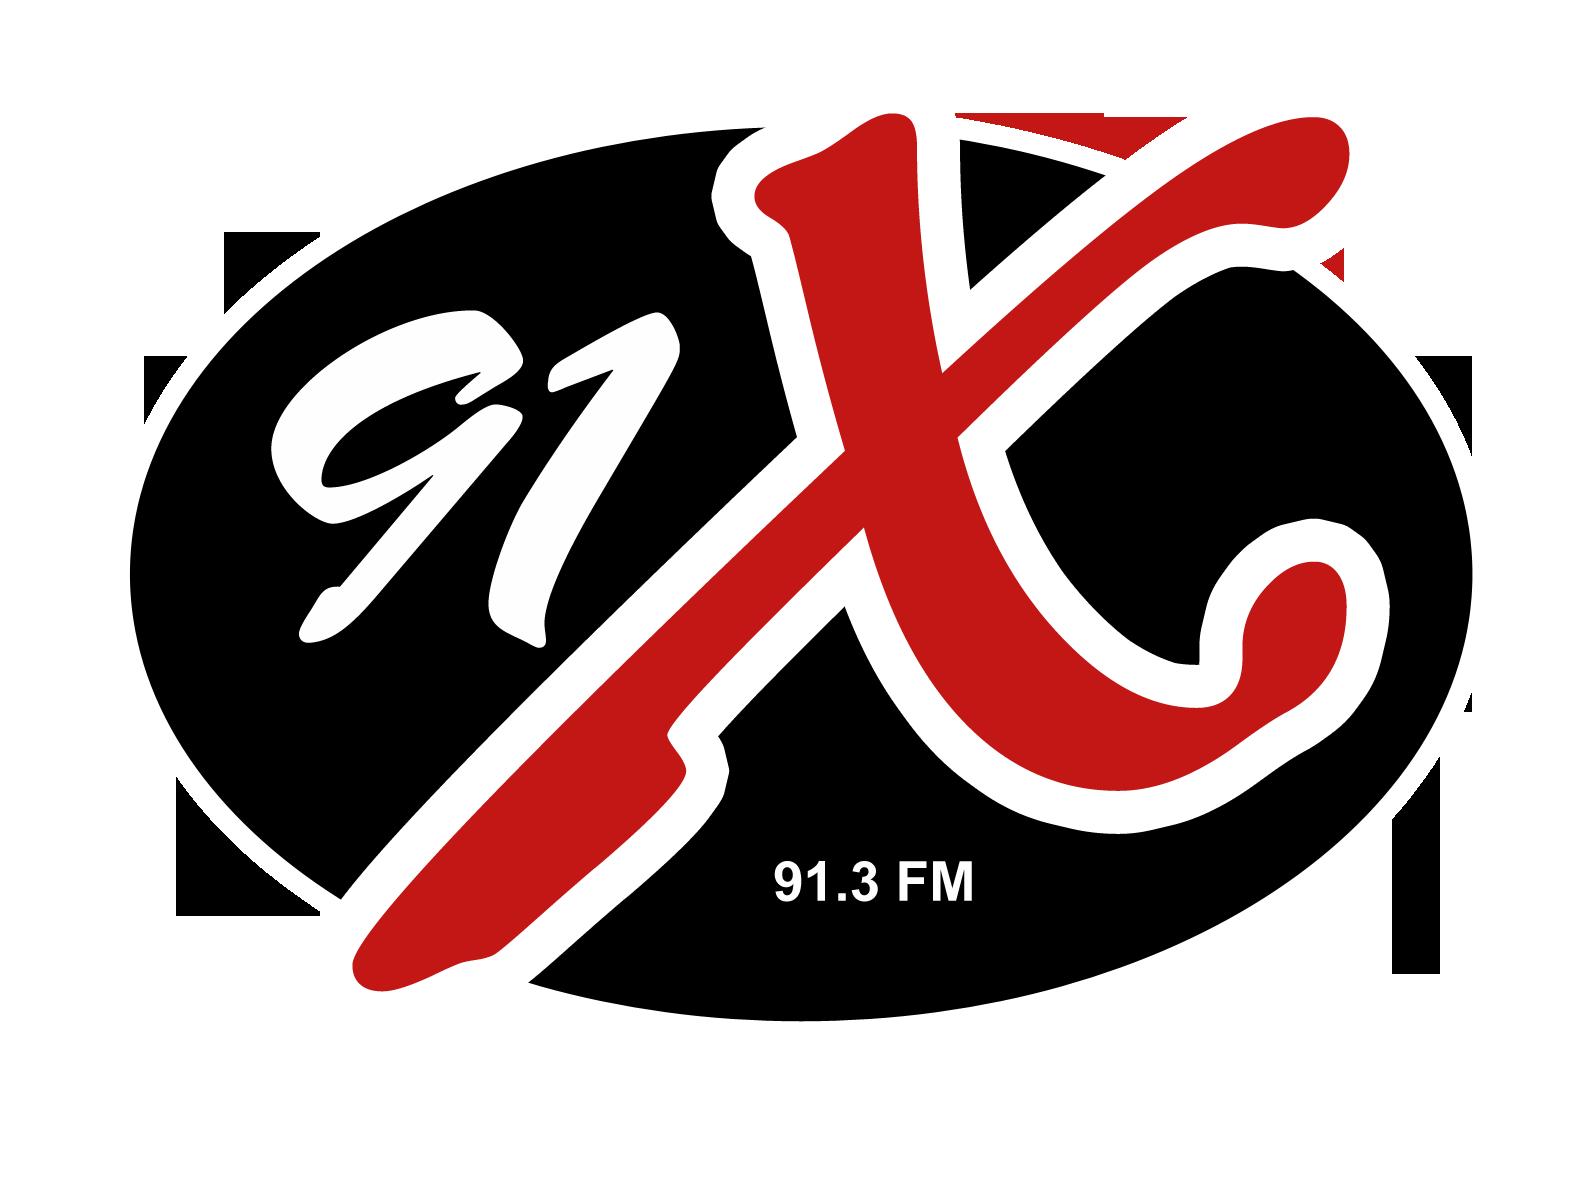 91X FM CJLX